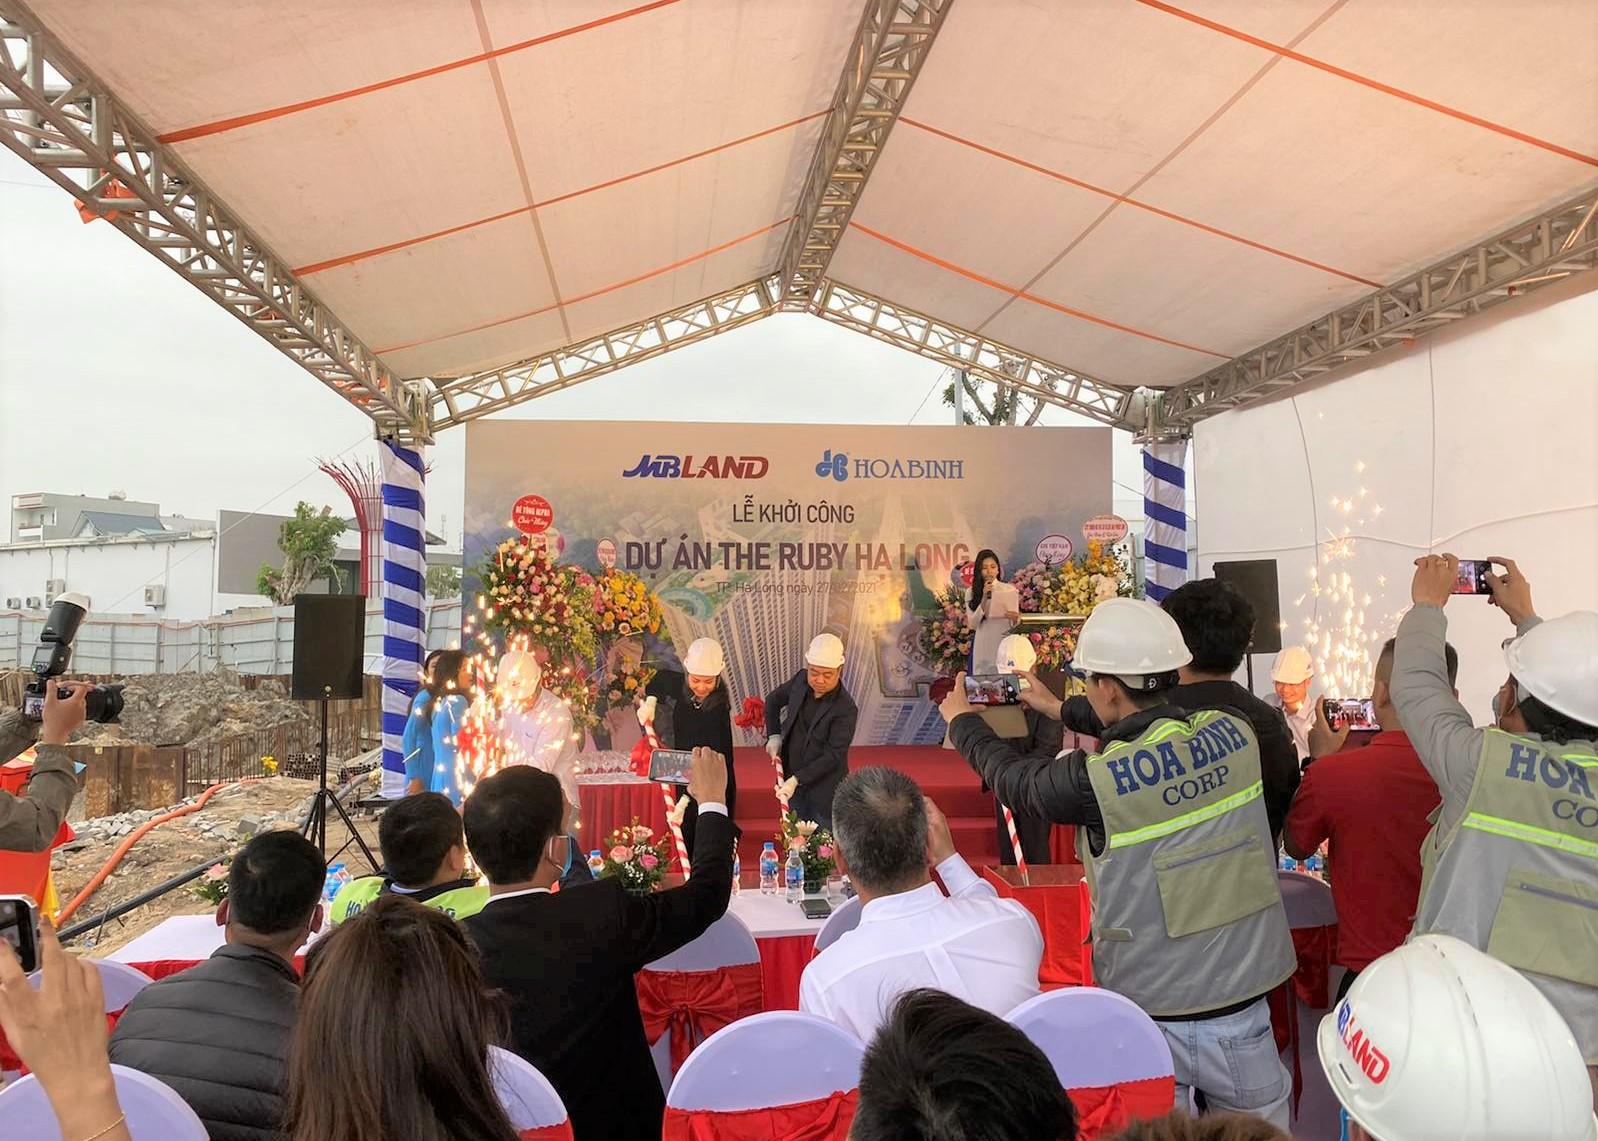 The Ruby Hạ Long Lễ kí kết hợp tác chiến lược giữa MB Land & Hòa Bình